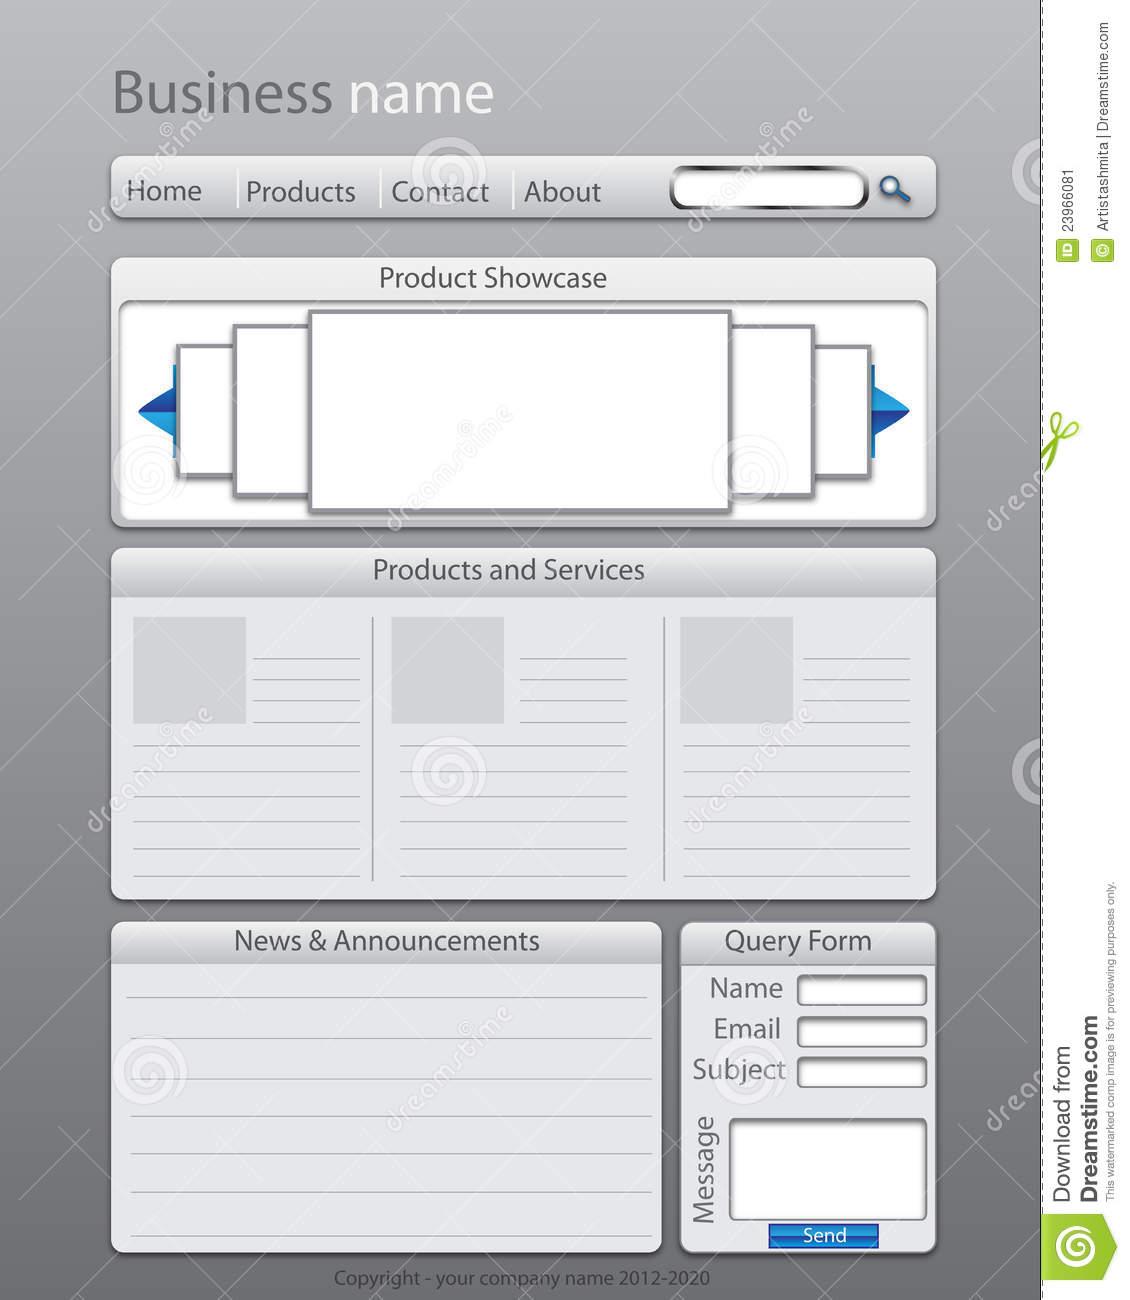 web_page_layout_content_organization